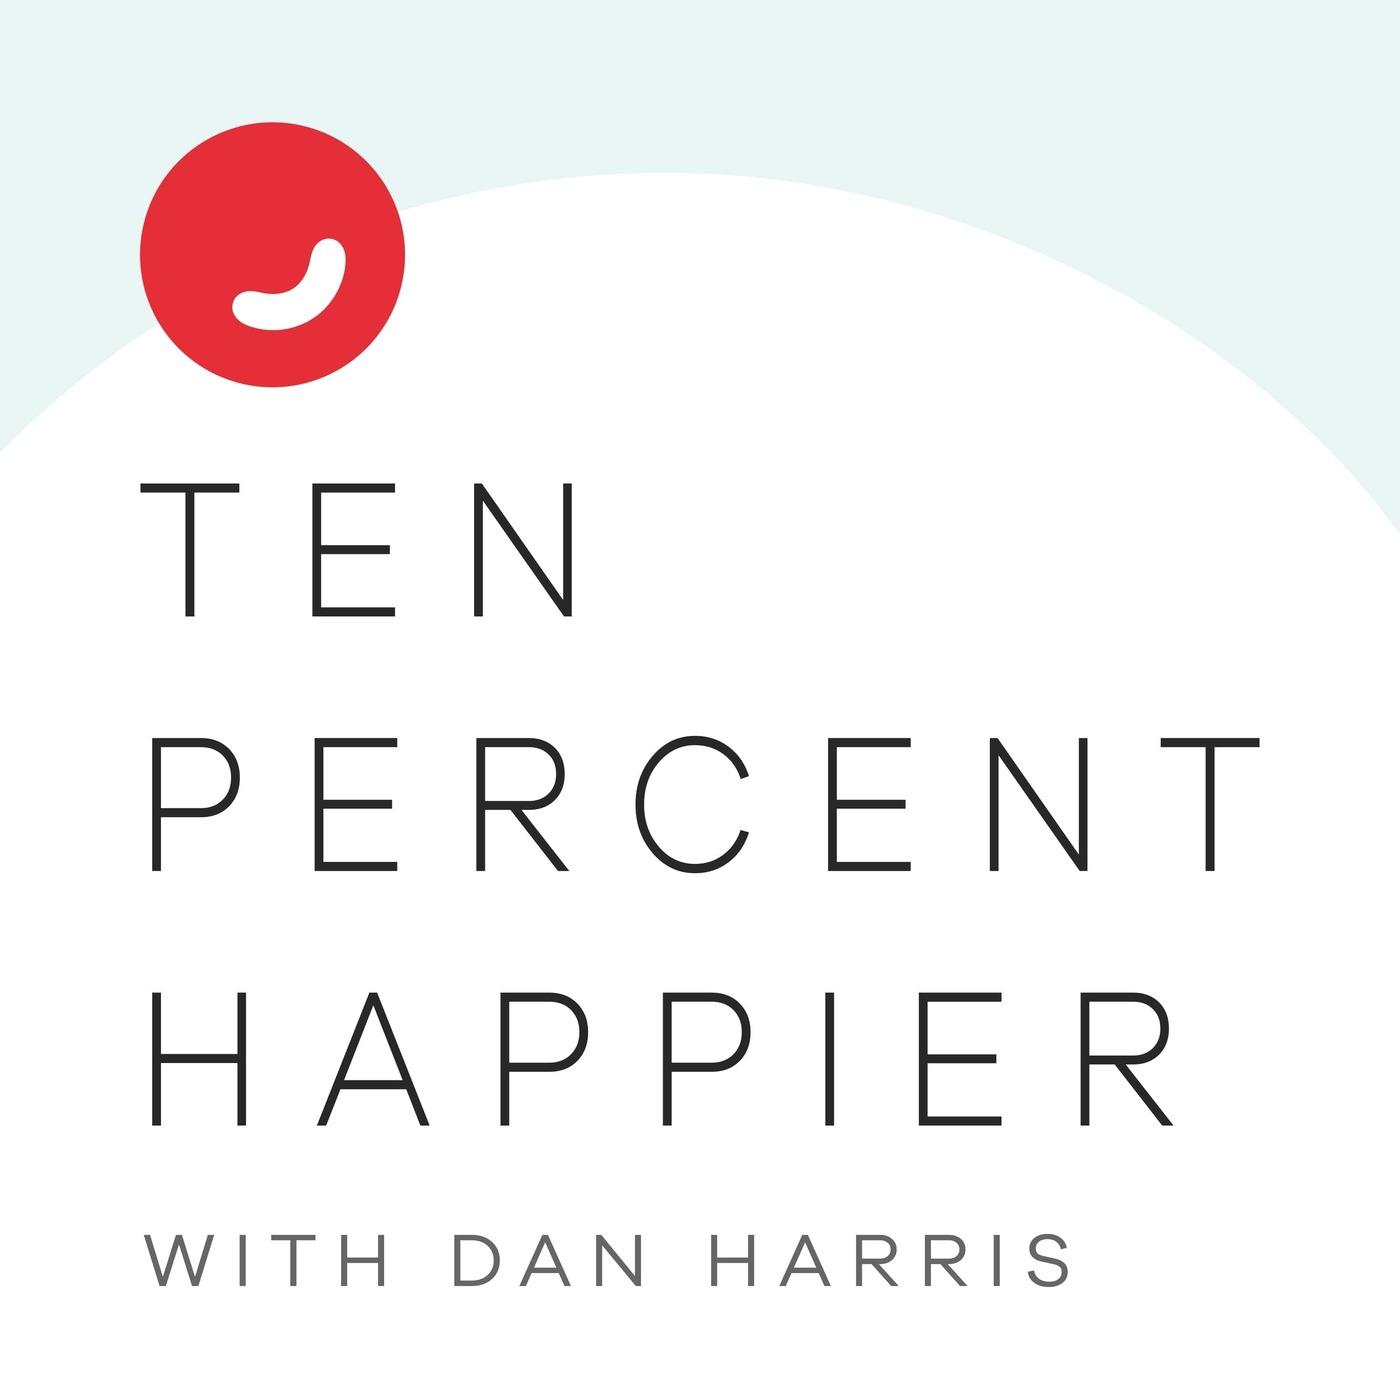 Ten Percent Happier with Dan Harris podcast